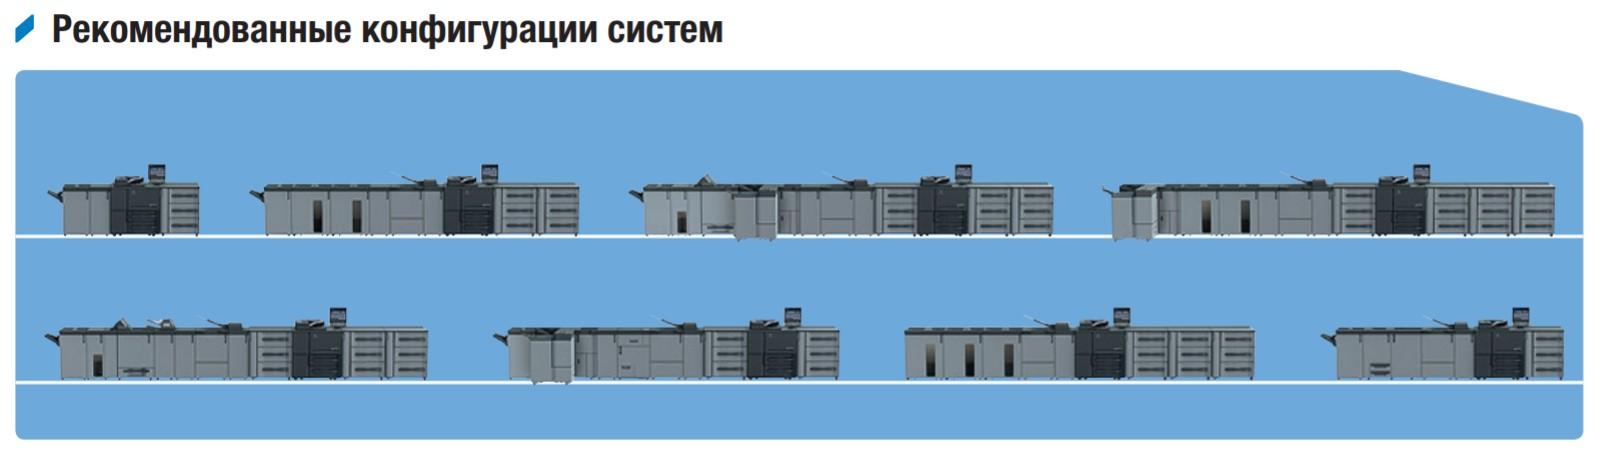 Рекомендованные конфигурации системы